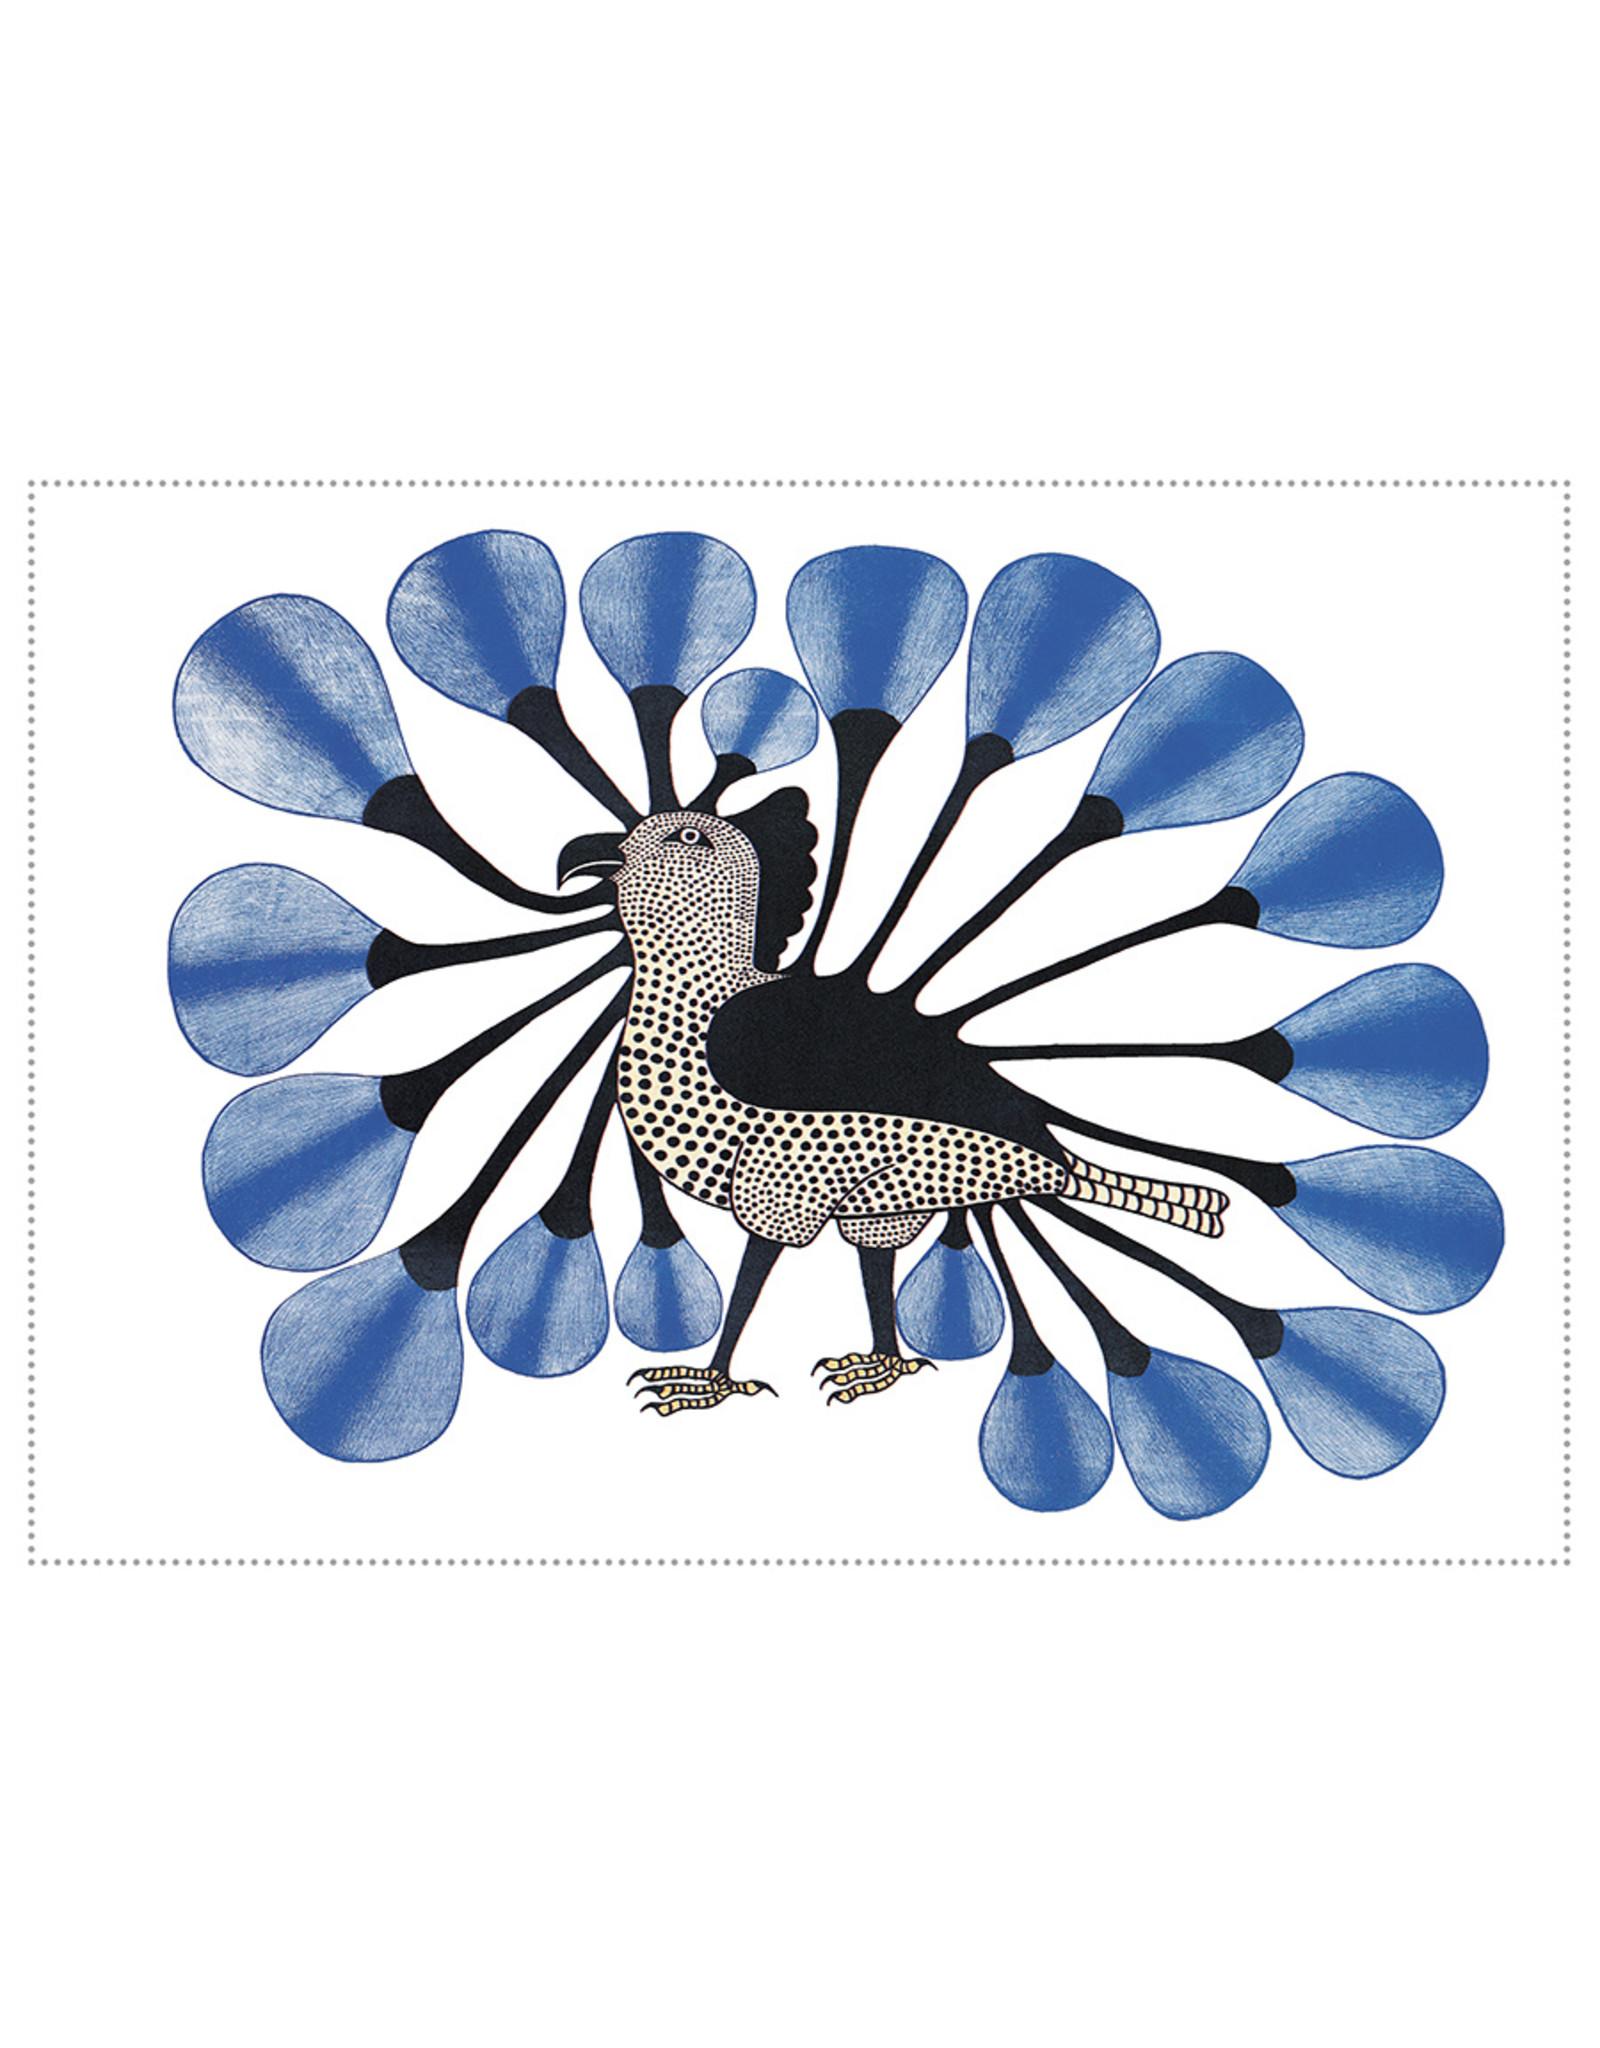 Cape Dorset Art Card: Owl in Blue